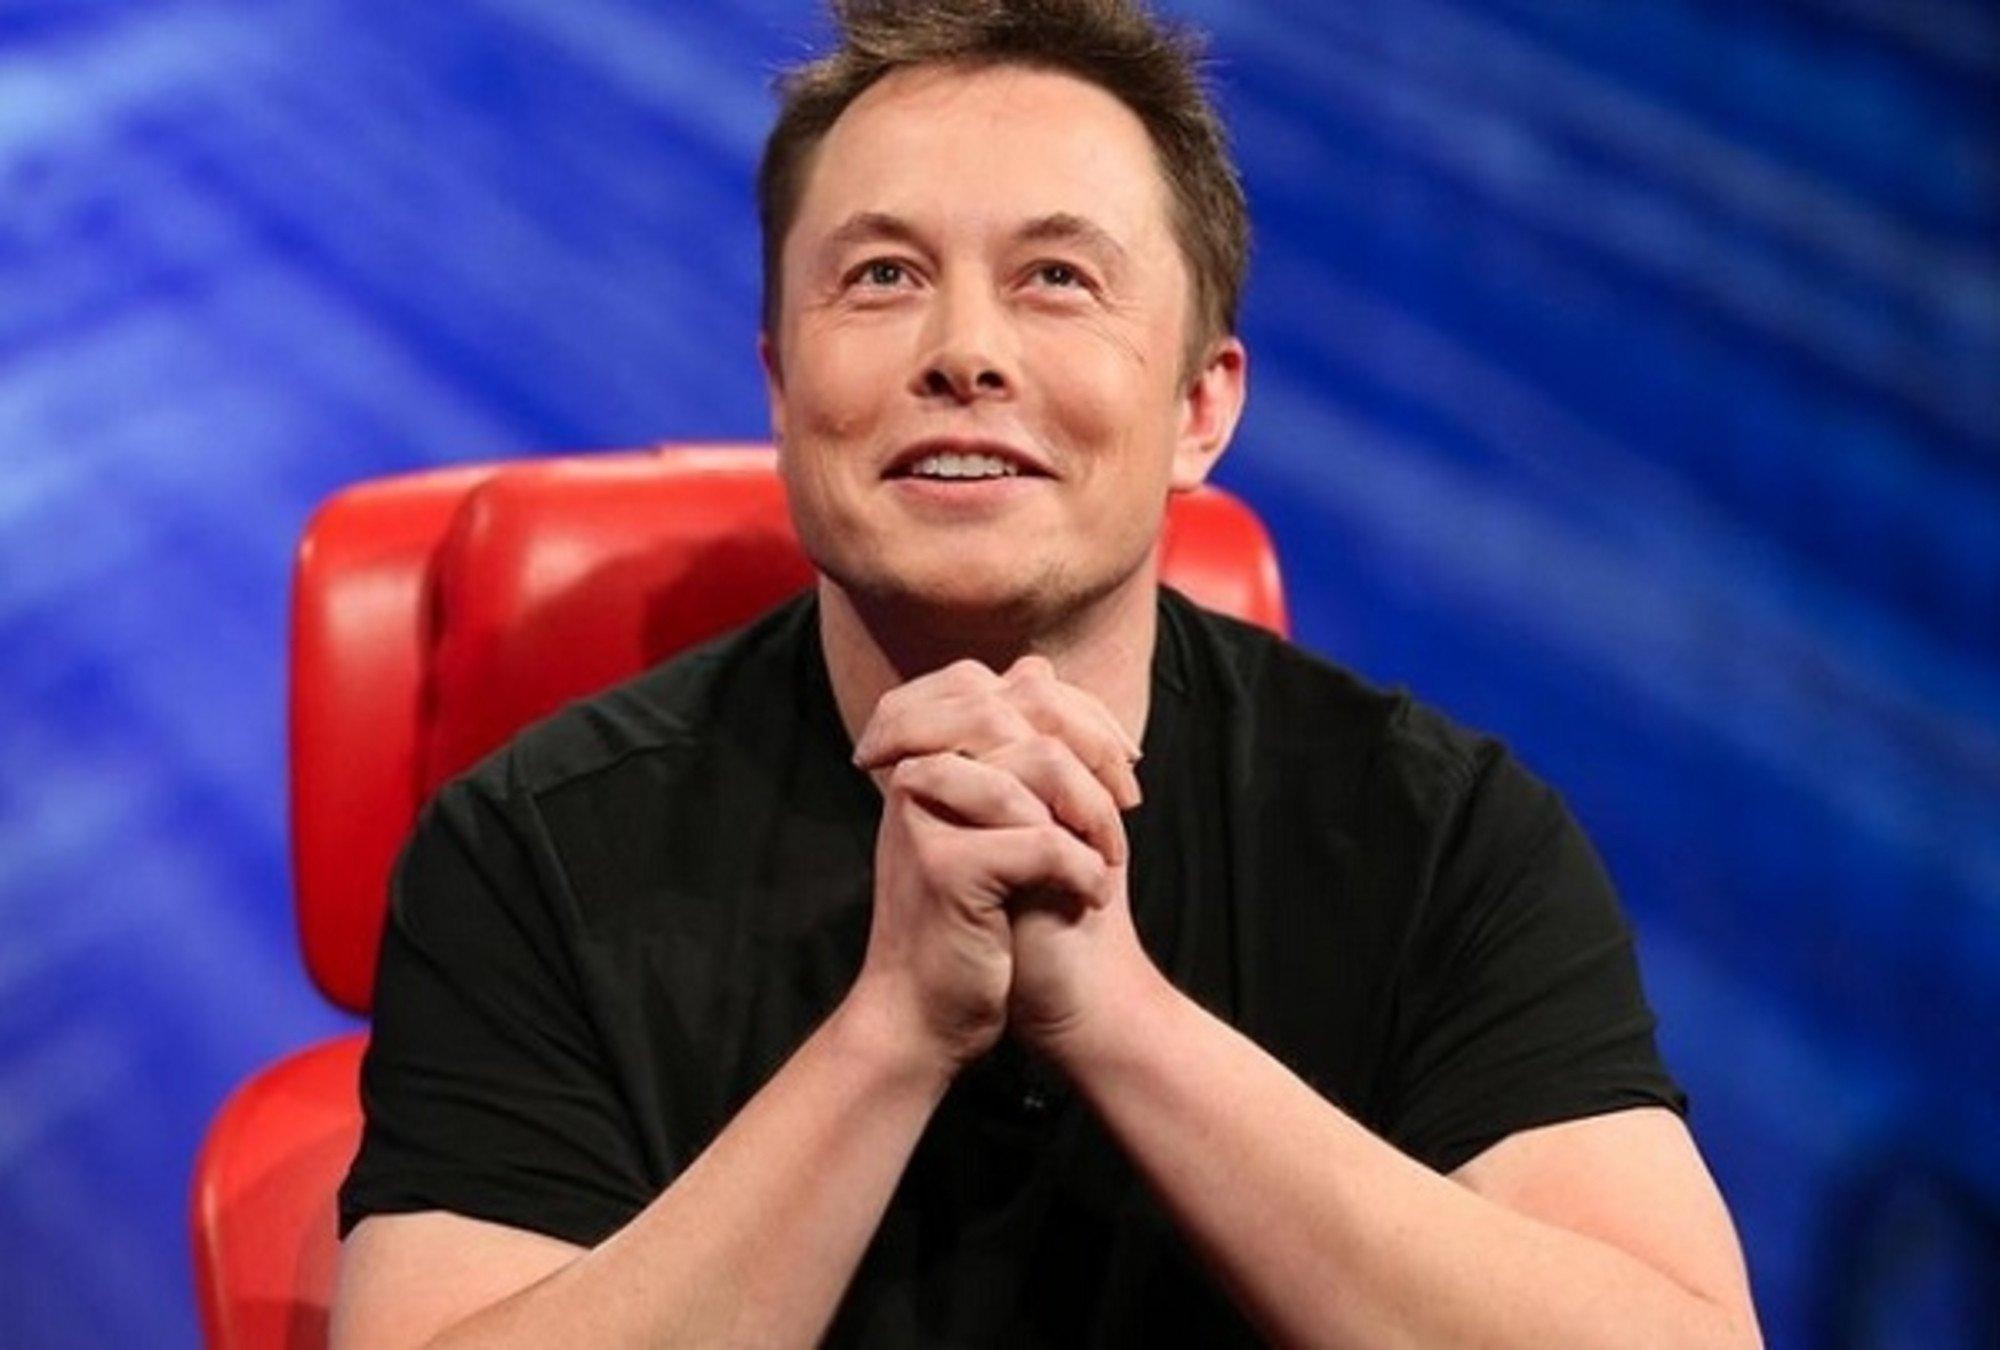 Акционеры Tesla назначили Илону Маску наибольшую вмире заработную плату